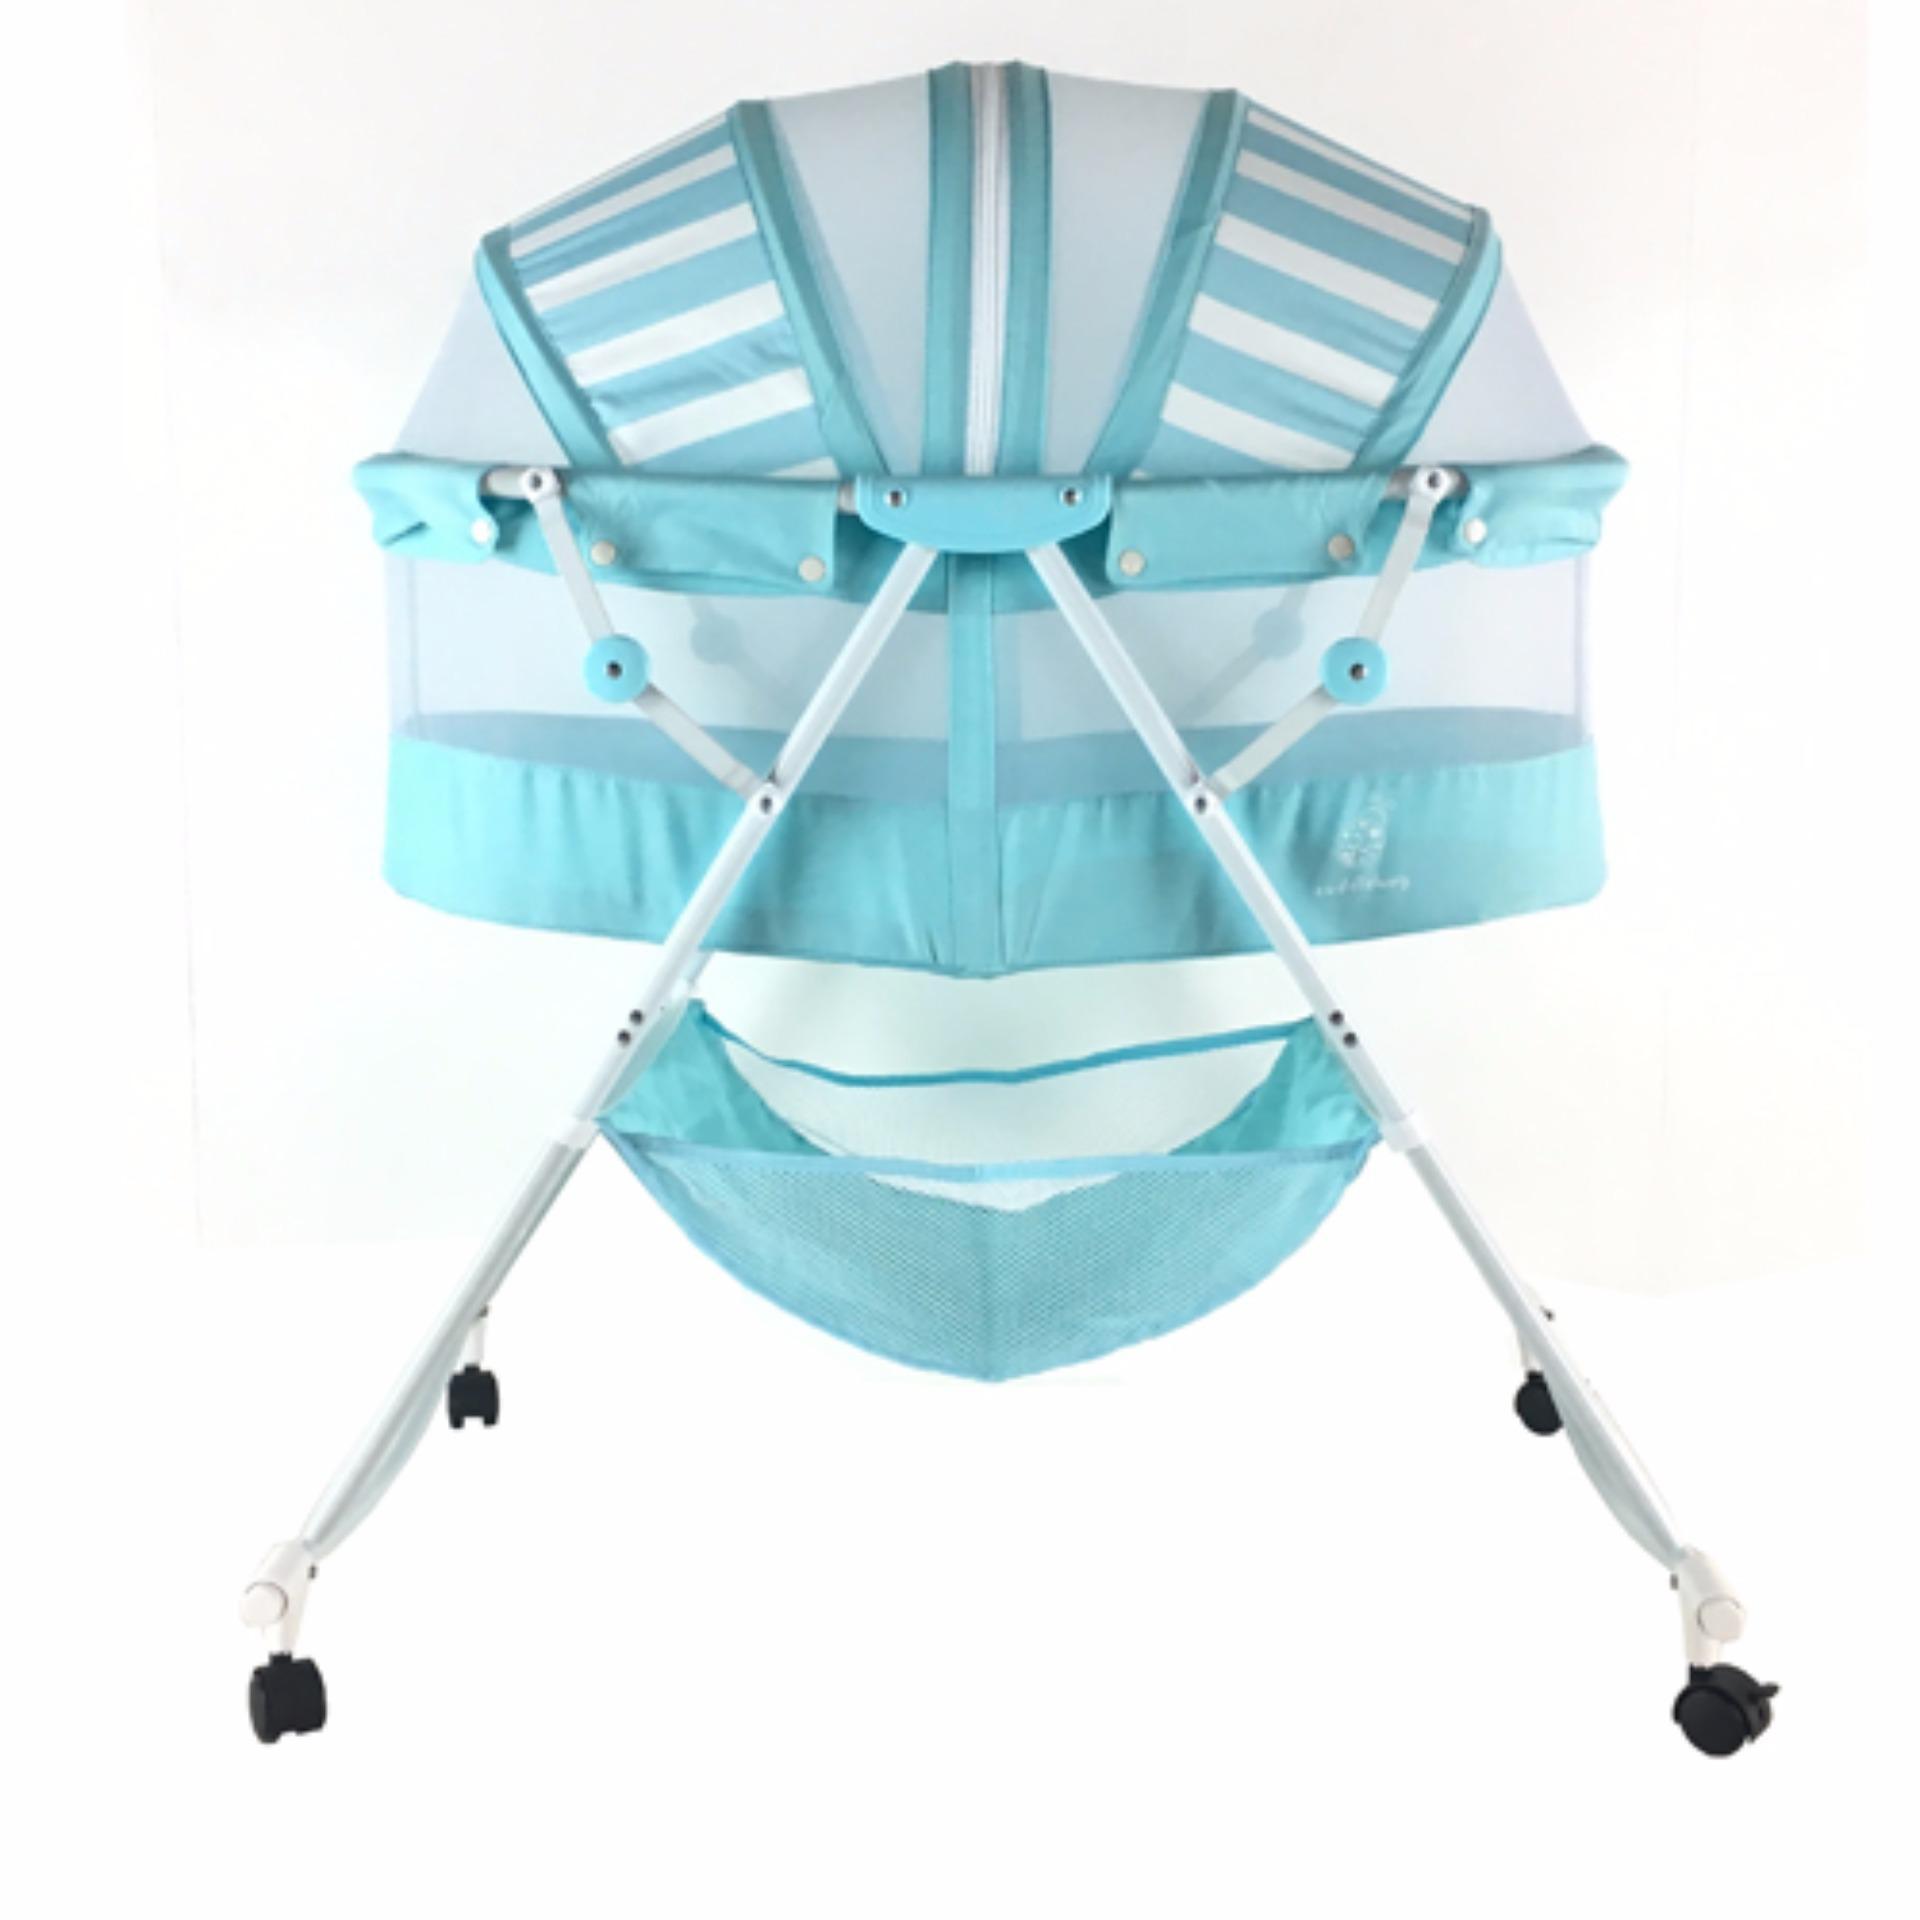 folding bassinet folding bassinet xwb zgsl sl folding  - cuddlebug folding bassinet blue stripes lazada ph